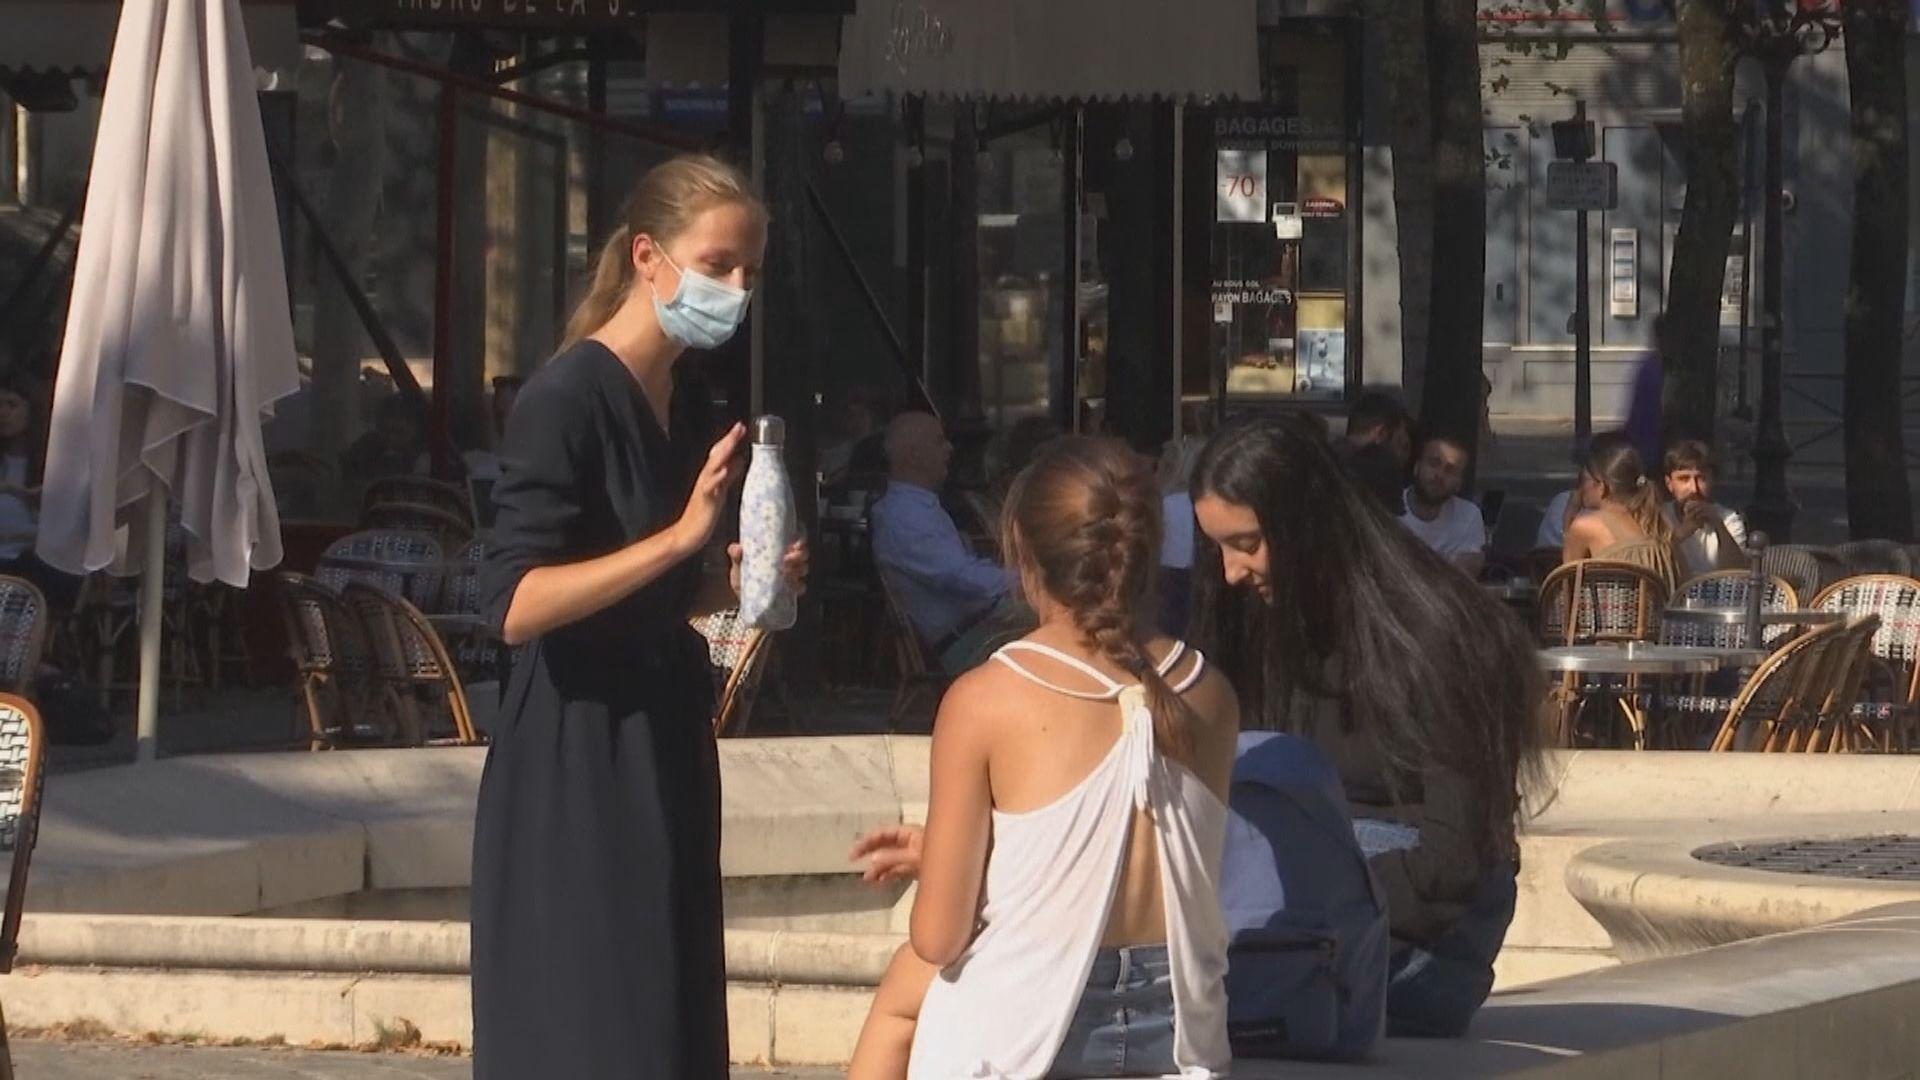 歐洲新冠疫情嚴峻 法國財長確診